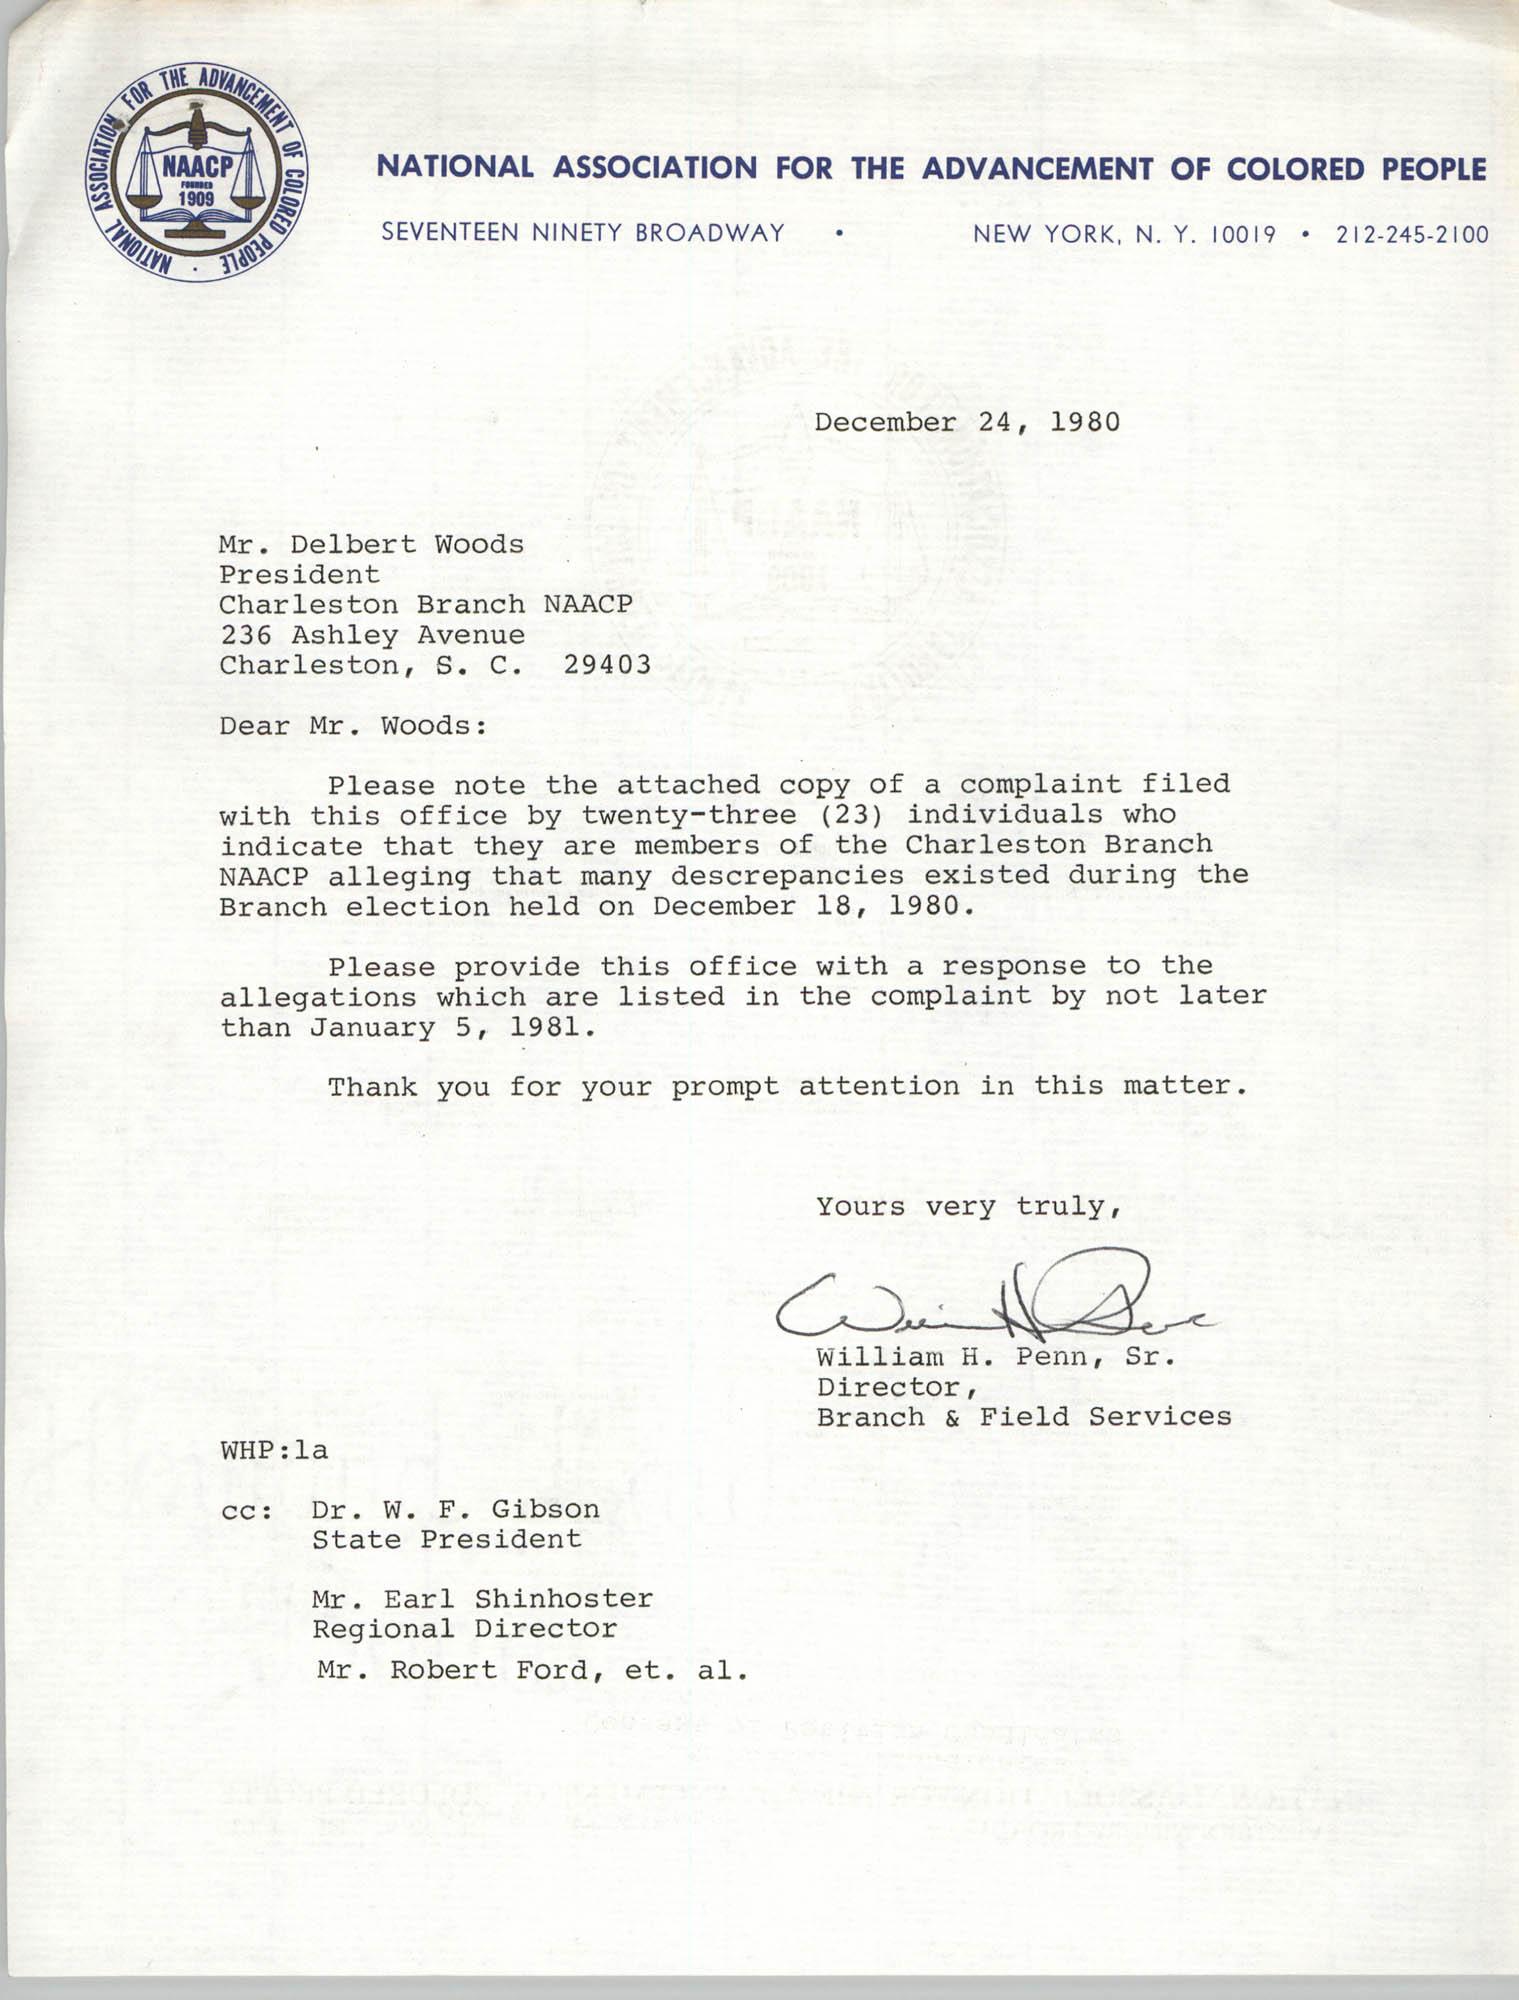 NAACP Memorandum, December 24, 1980